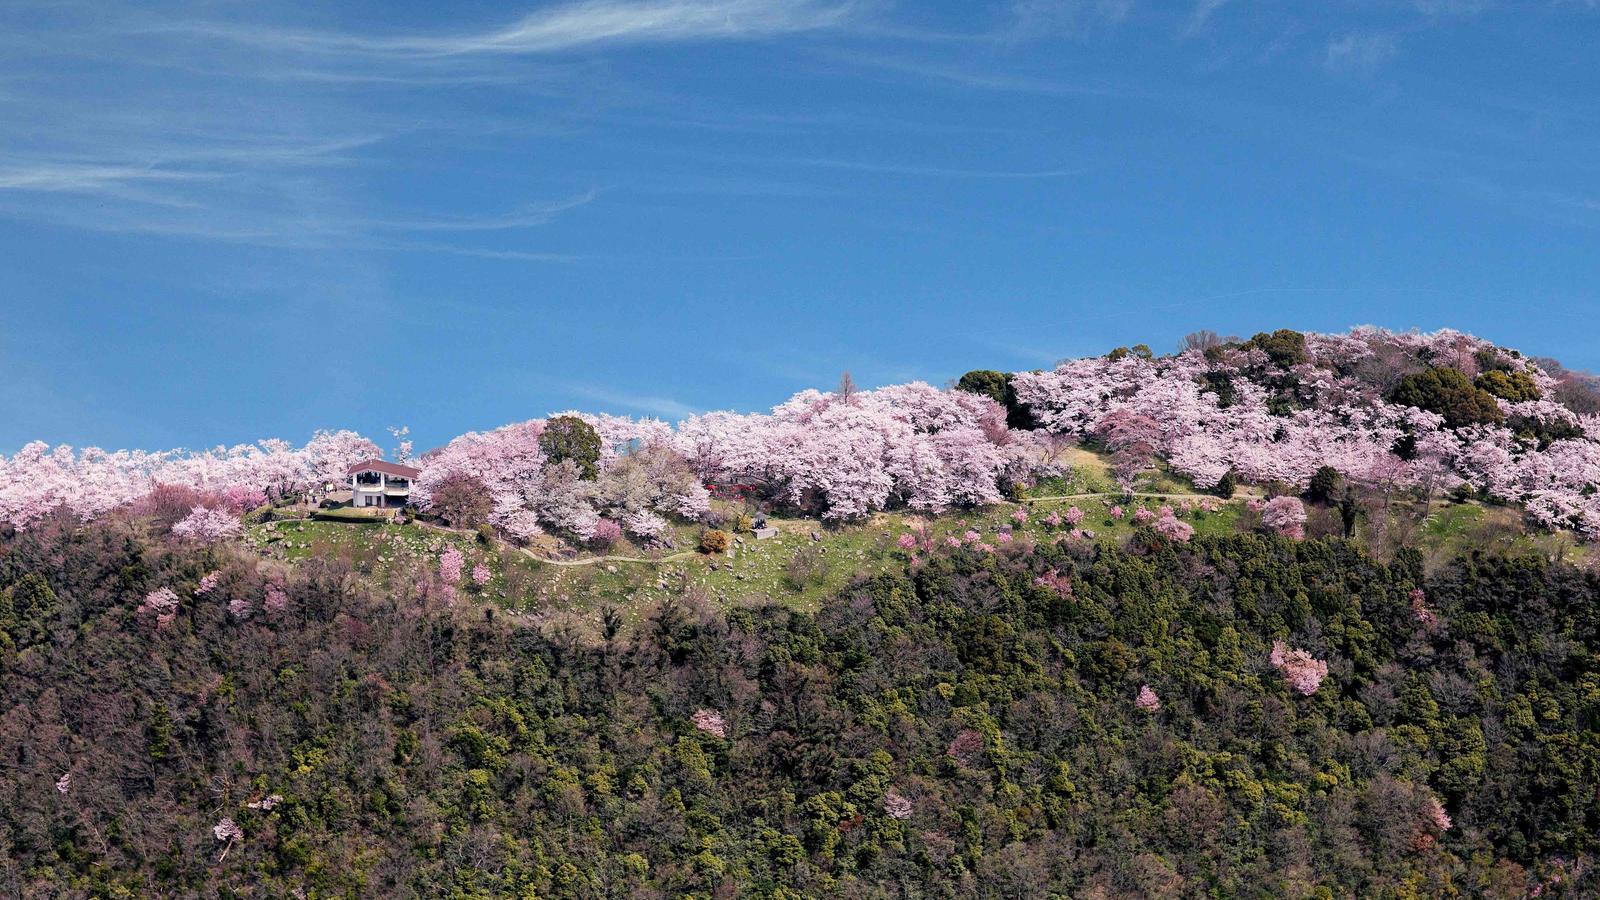 Les Illes Setouchi, al Japó